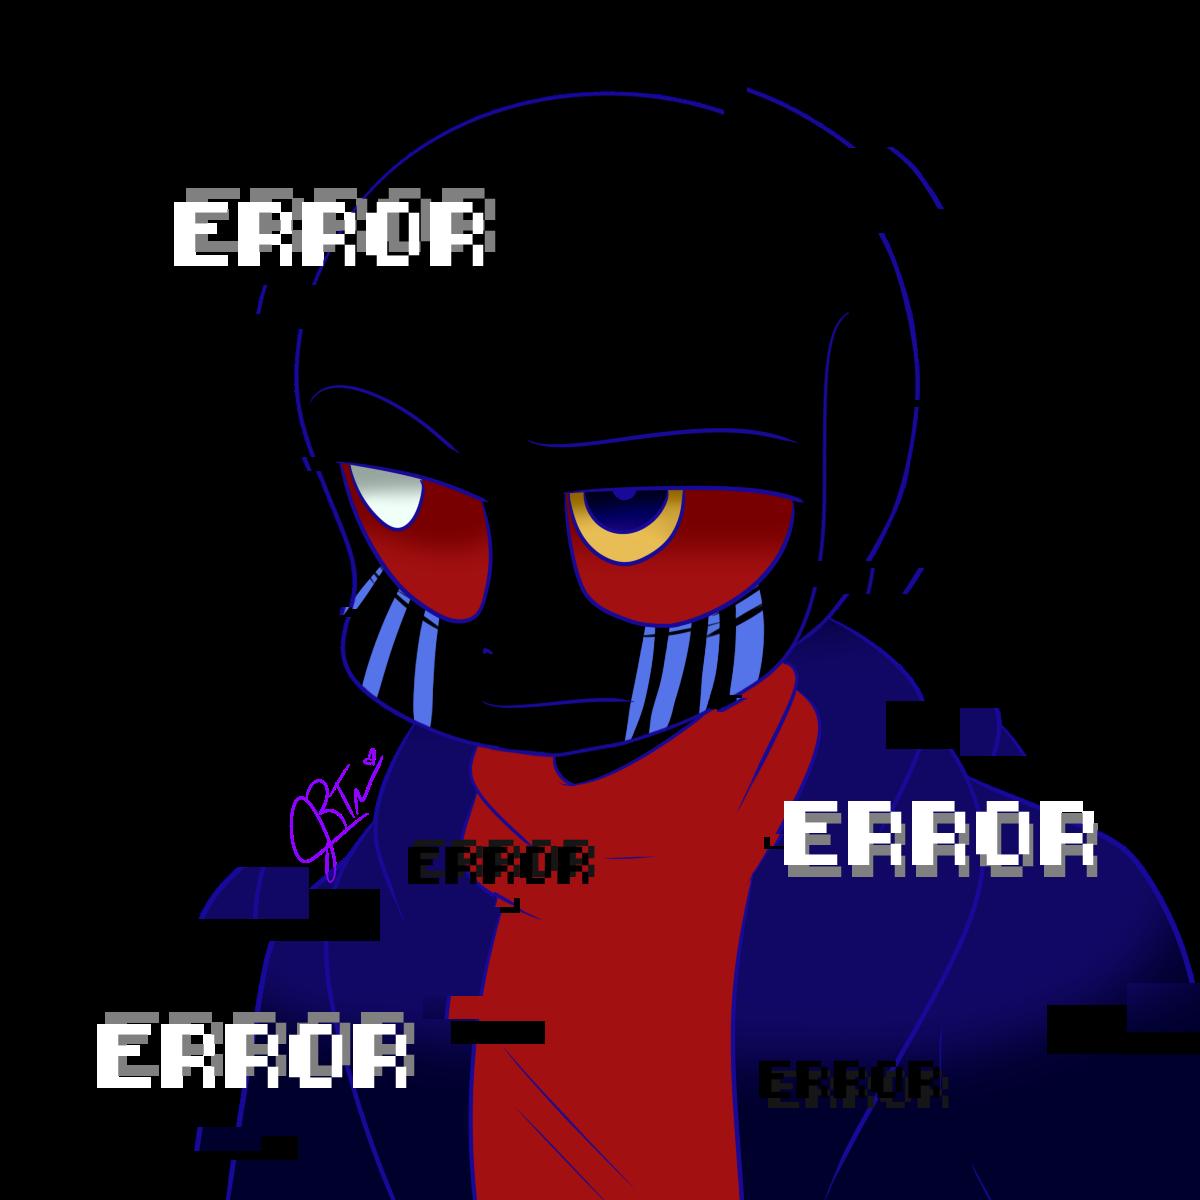 """LittleMoon-Chan On Twitter: """"Error!Sans Cuz Wynaut?"""